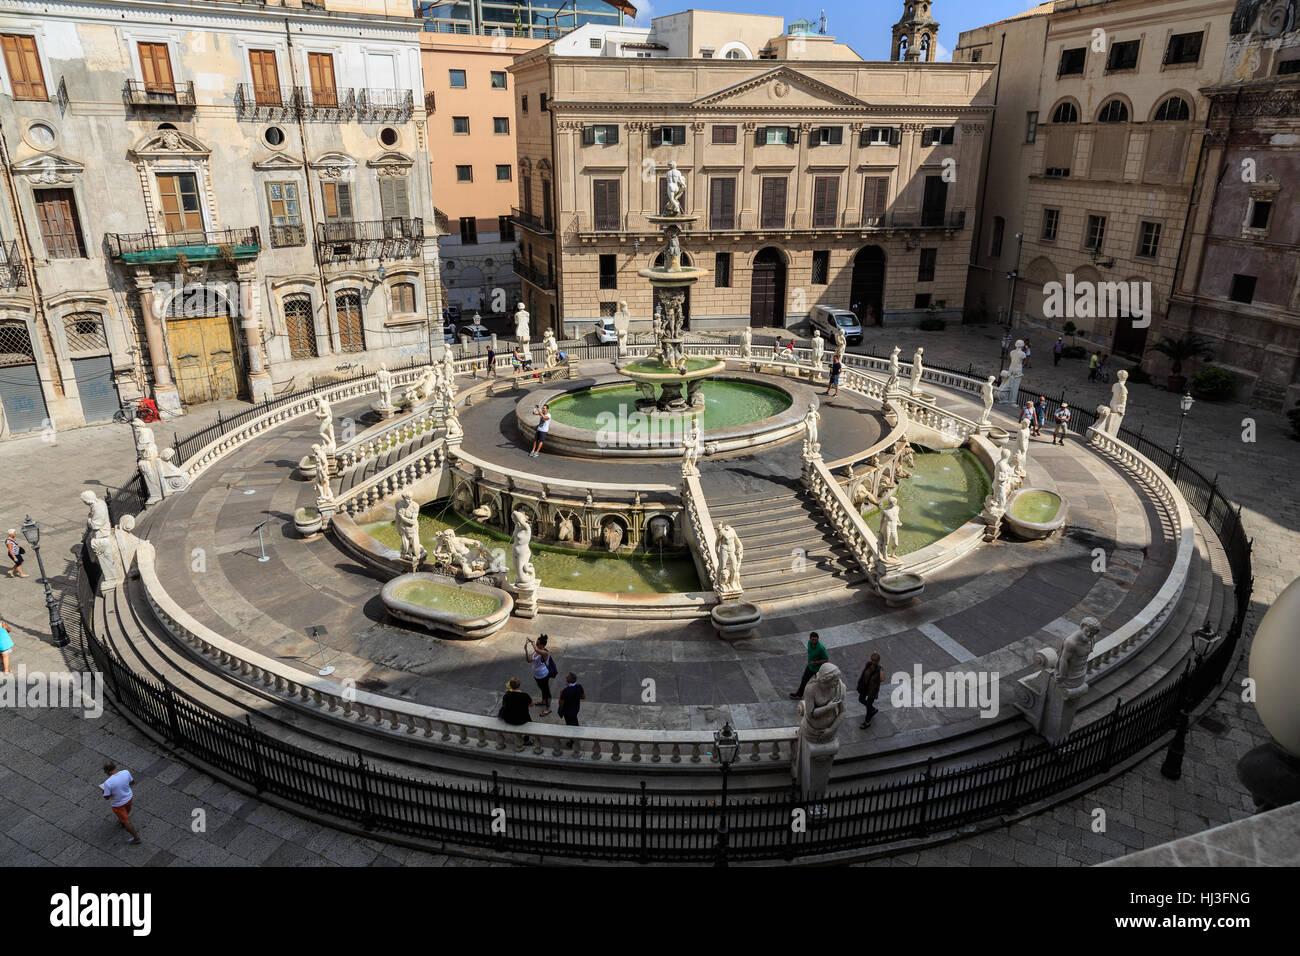 Italy, Sicily, Palermo, Piazza Pretoria Stock Photo